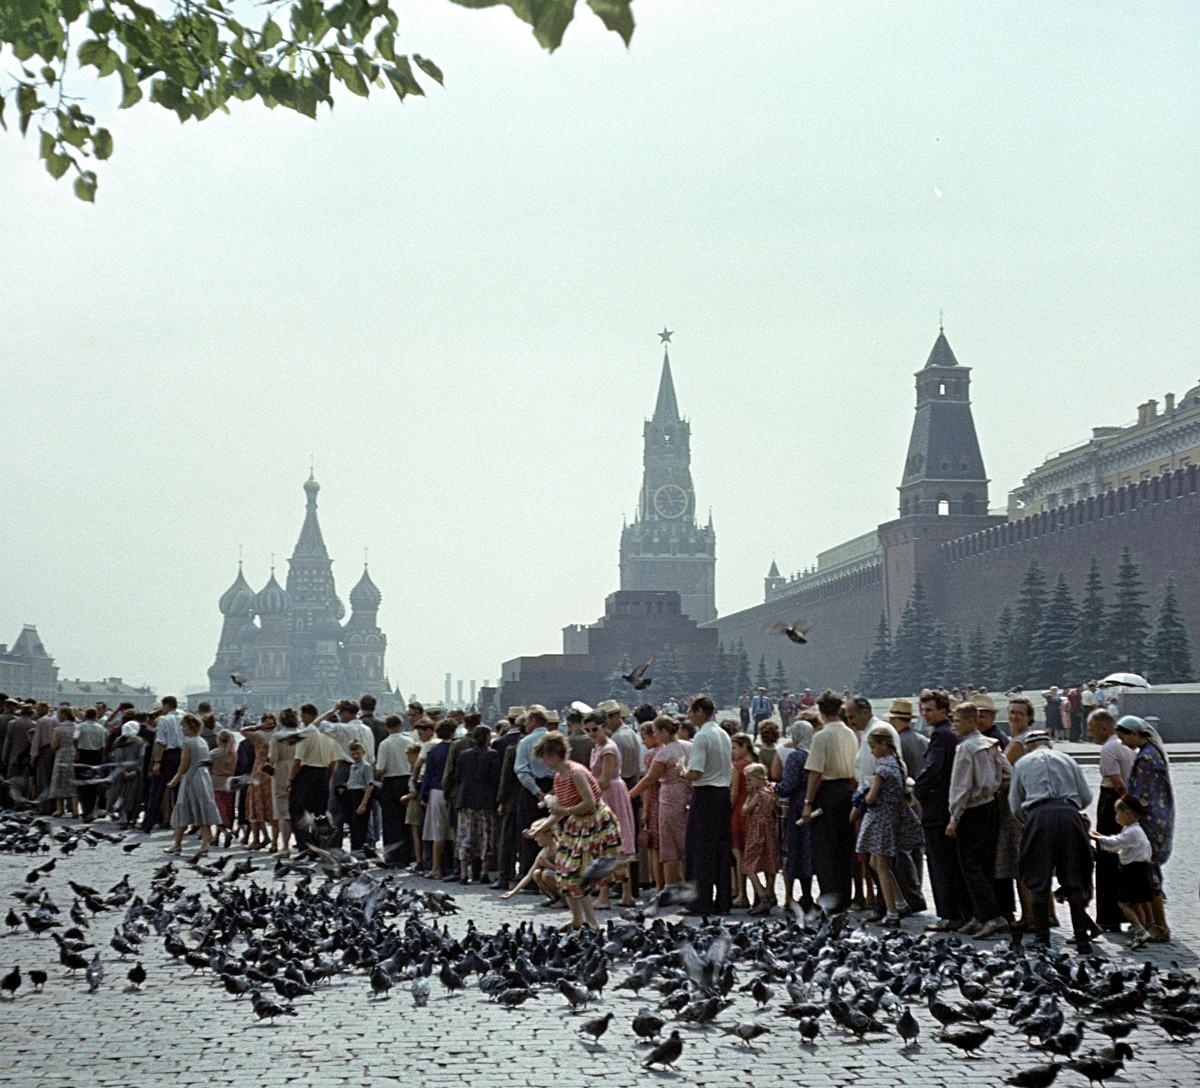 Красная площадь в Москве. Очередь к Мавзолею В.И. Ленина, 1961.